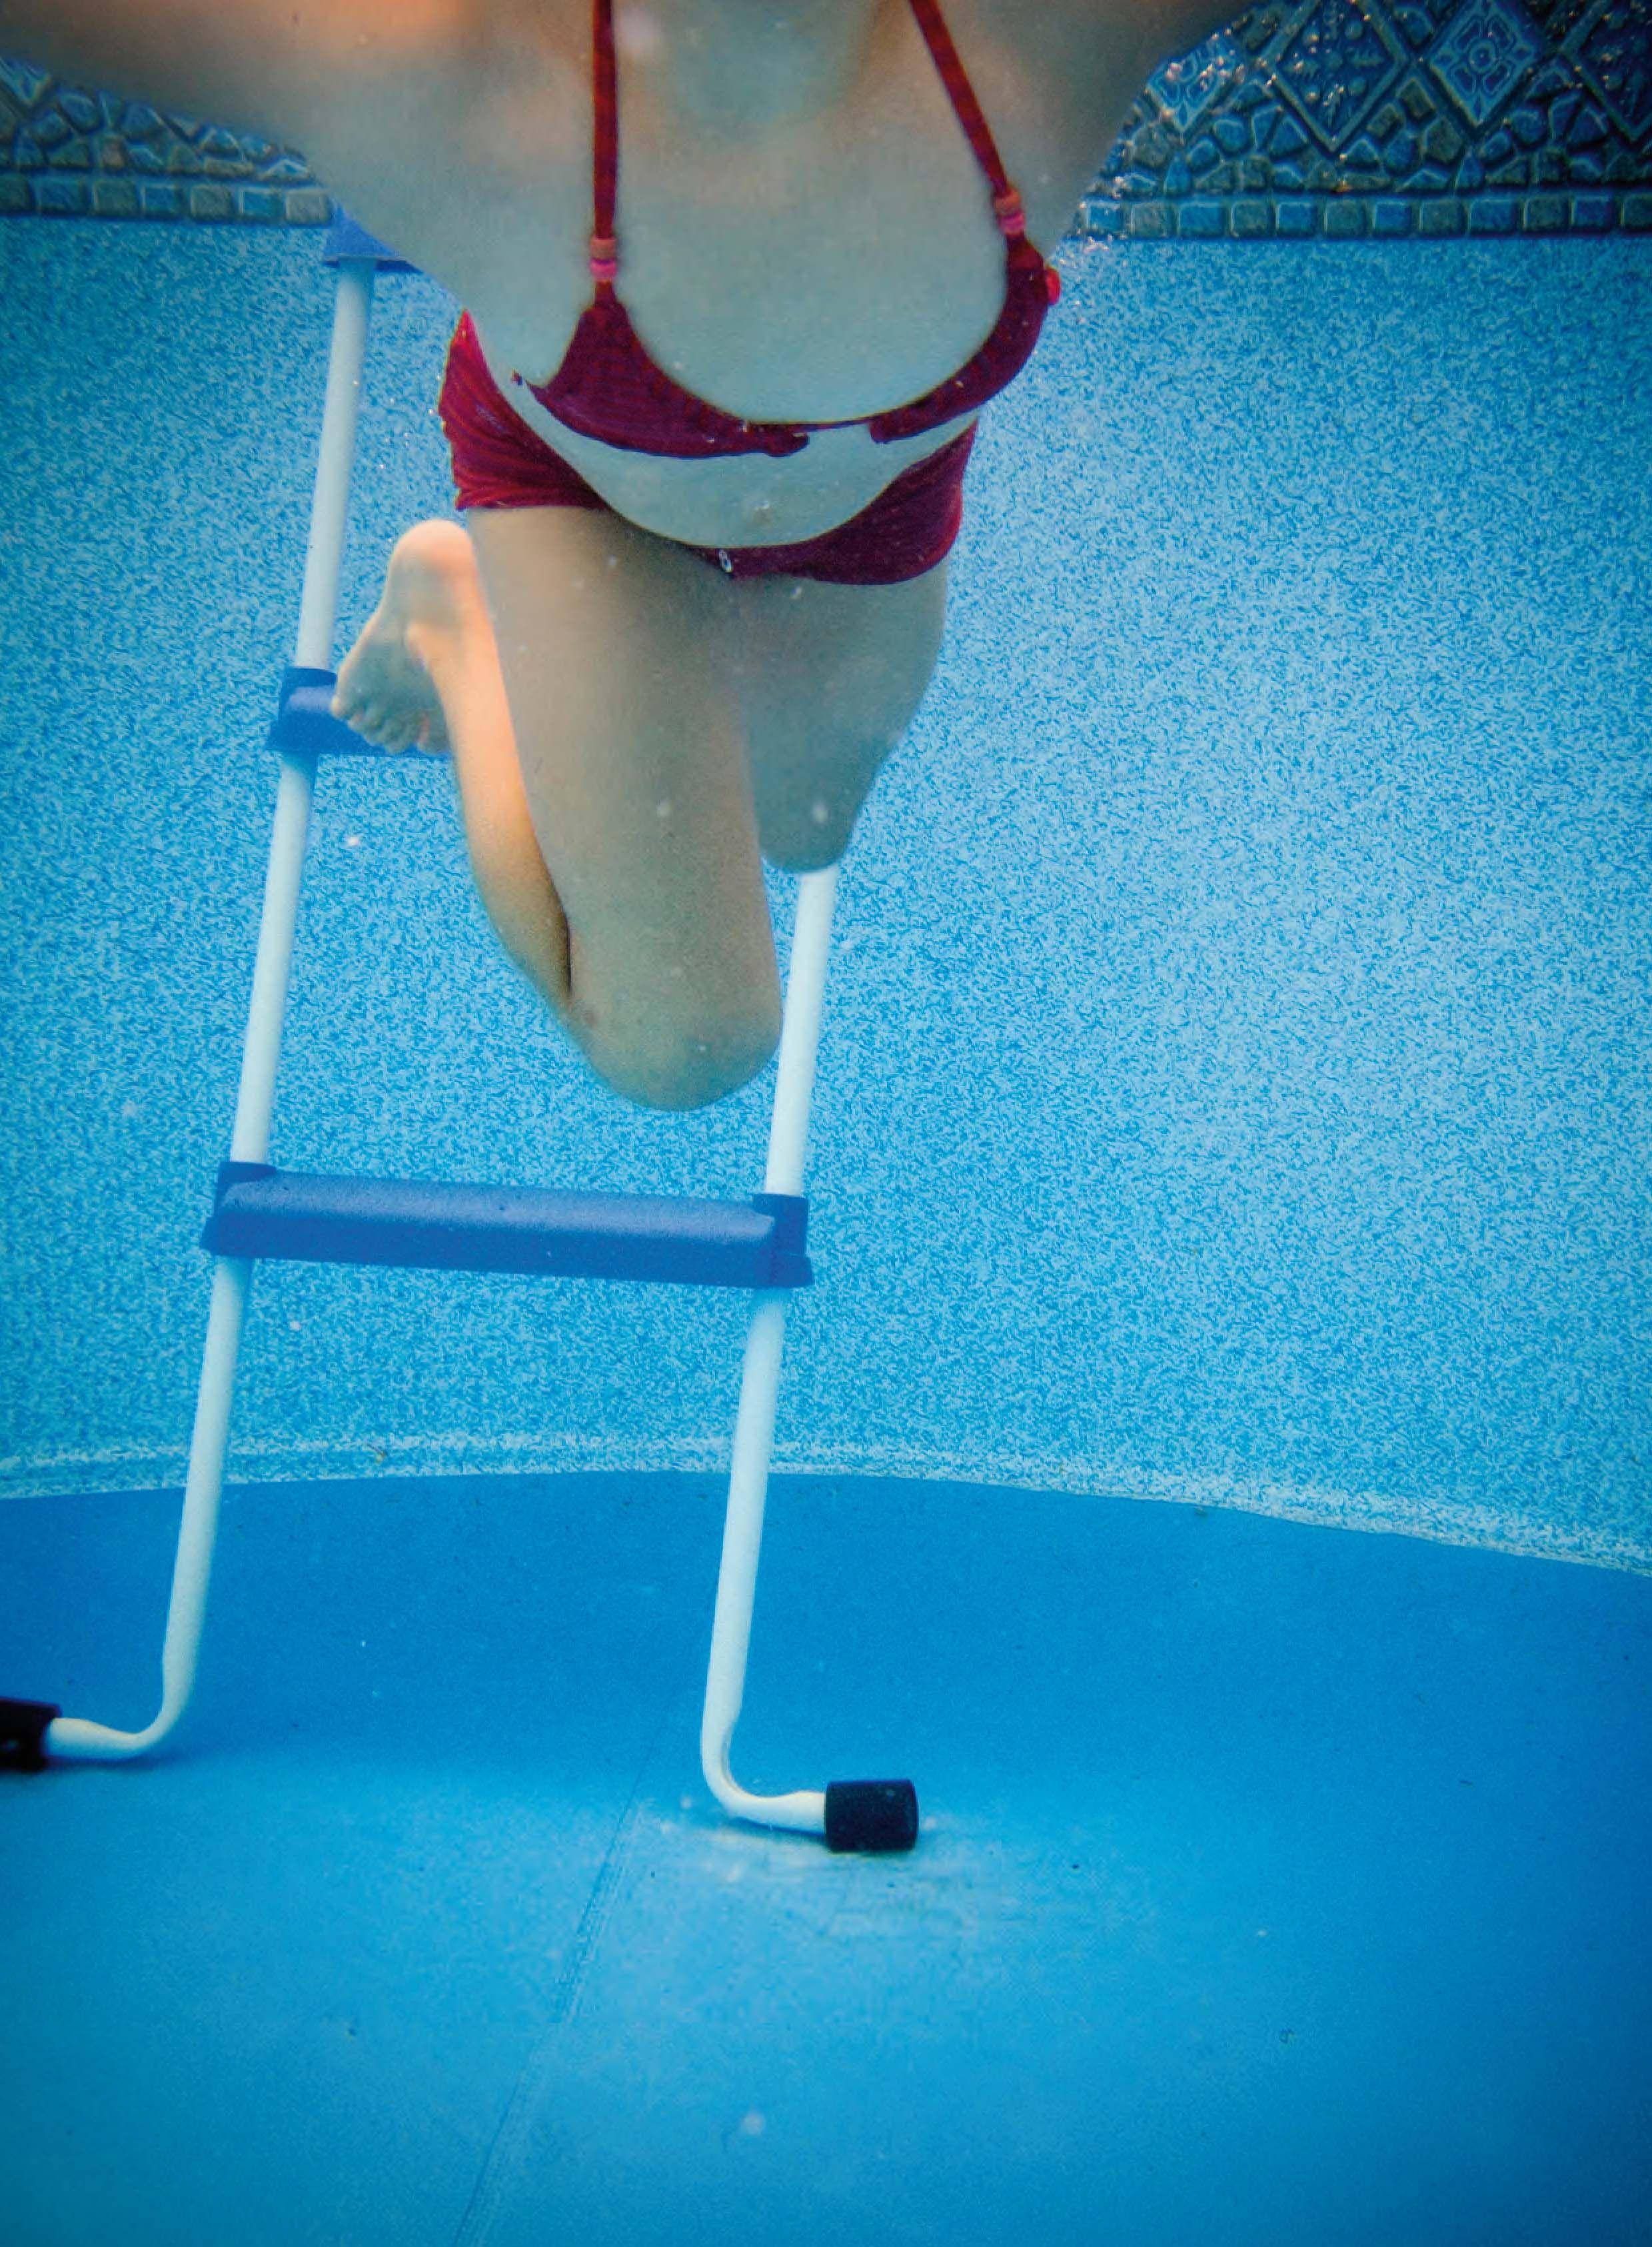 Escalera tipo tijera para piscina desmontable 98 cm gre for Accesorios para piscinas desmontables